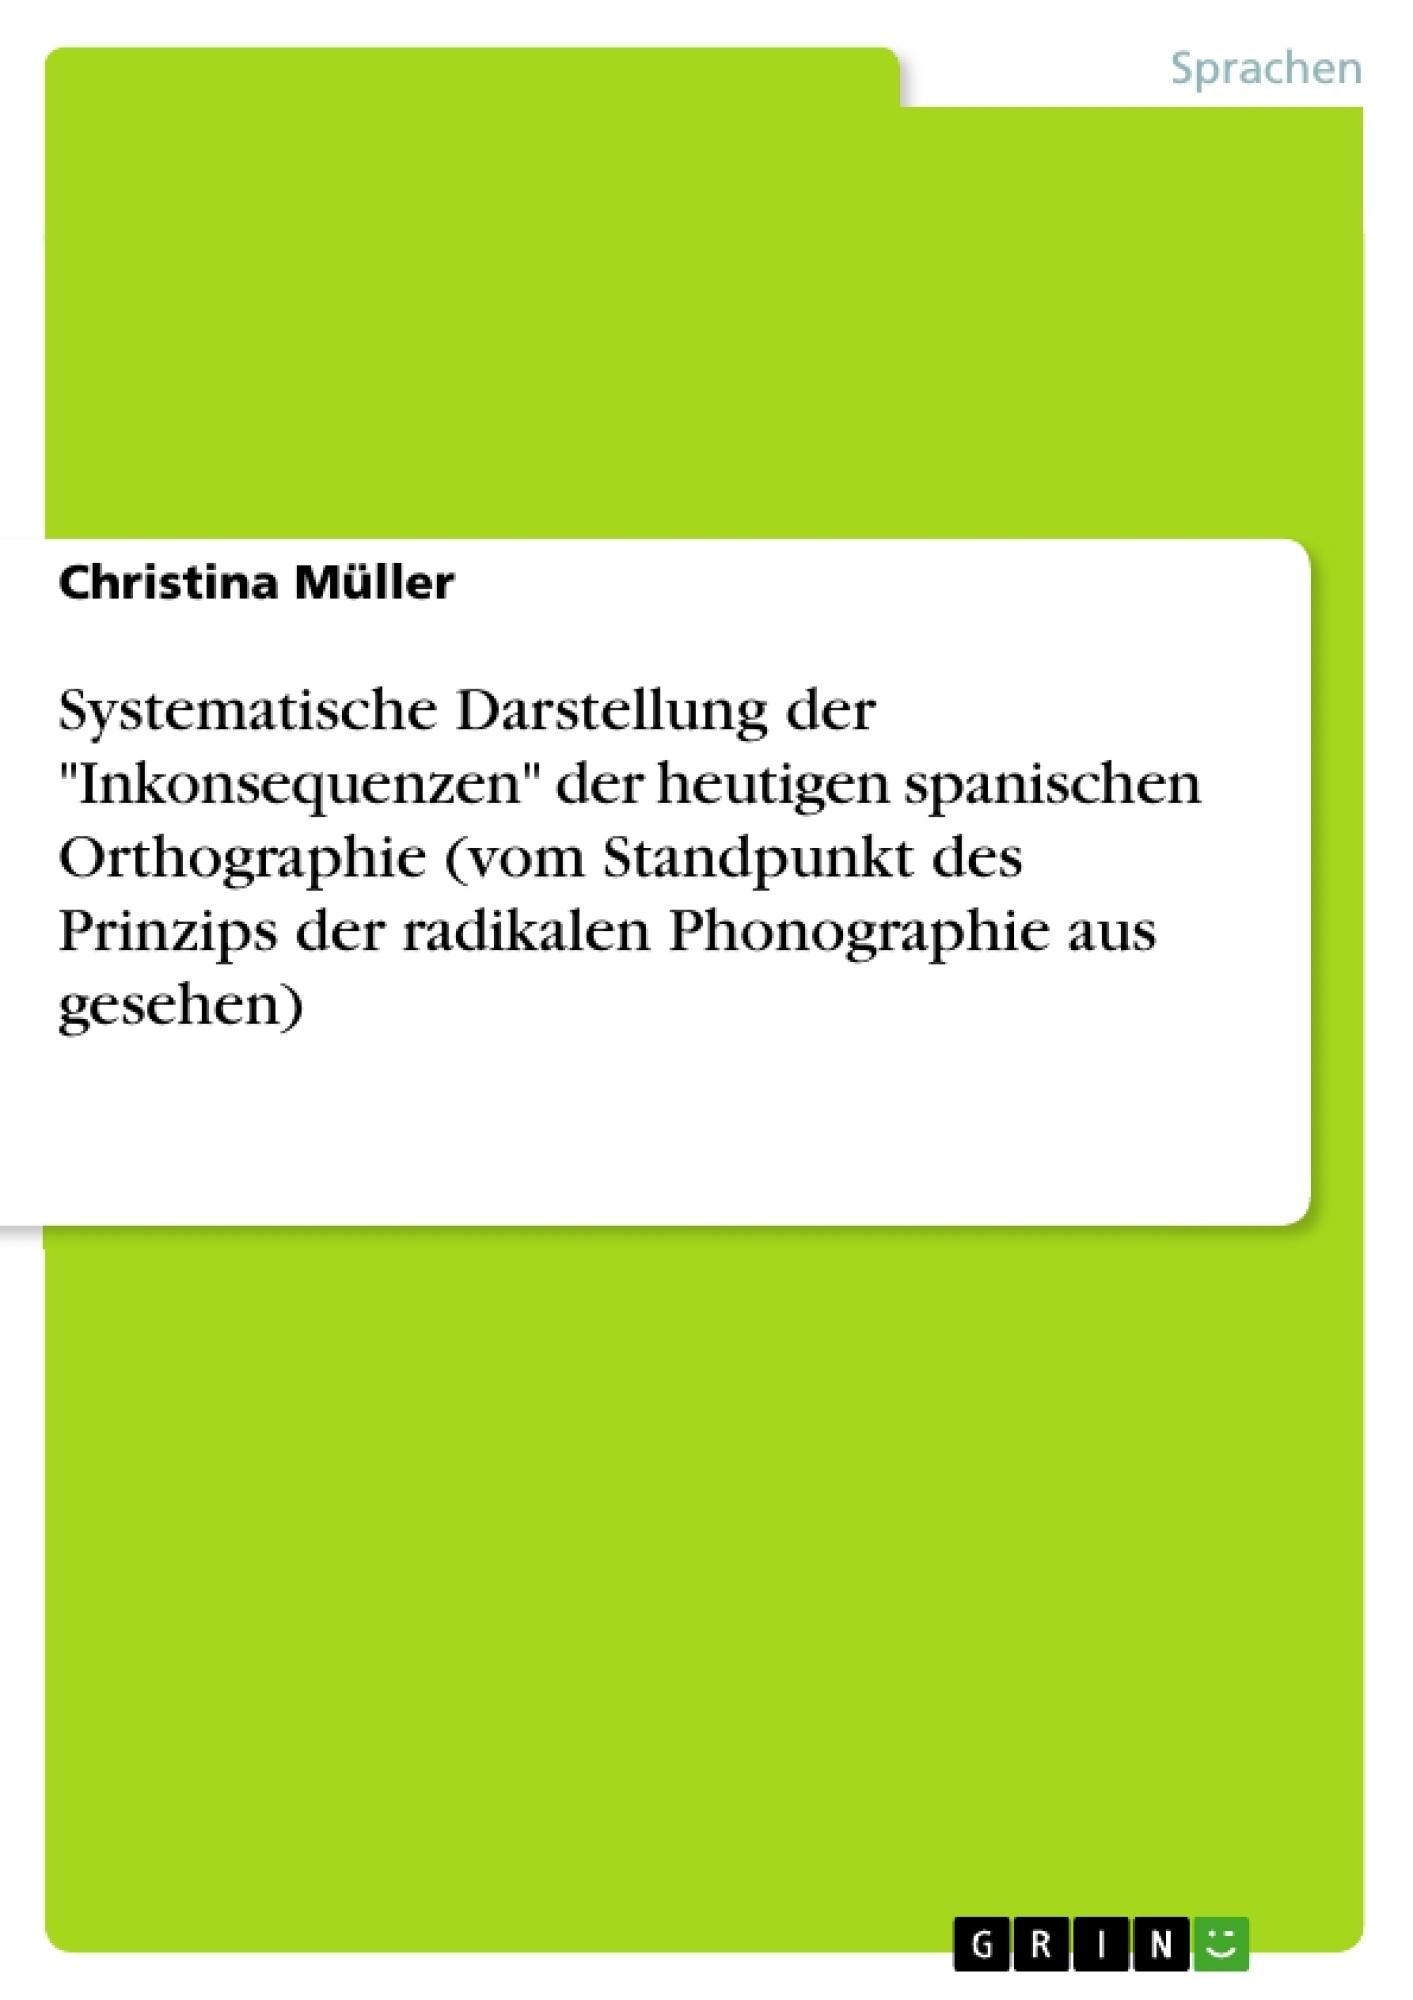 """Titel: Systematische Darstellung der """"Inkonsequenzen"""" der heutigen spanischen Orthographie (vom Standpunkt des Prinzips der radikalen Phonographie aus gesehen)"""